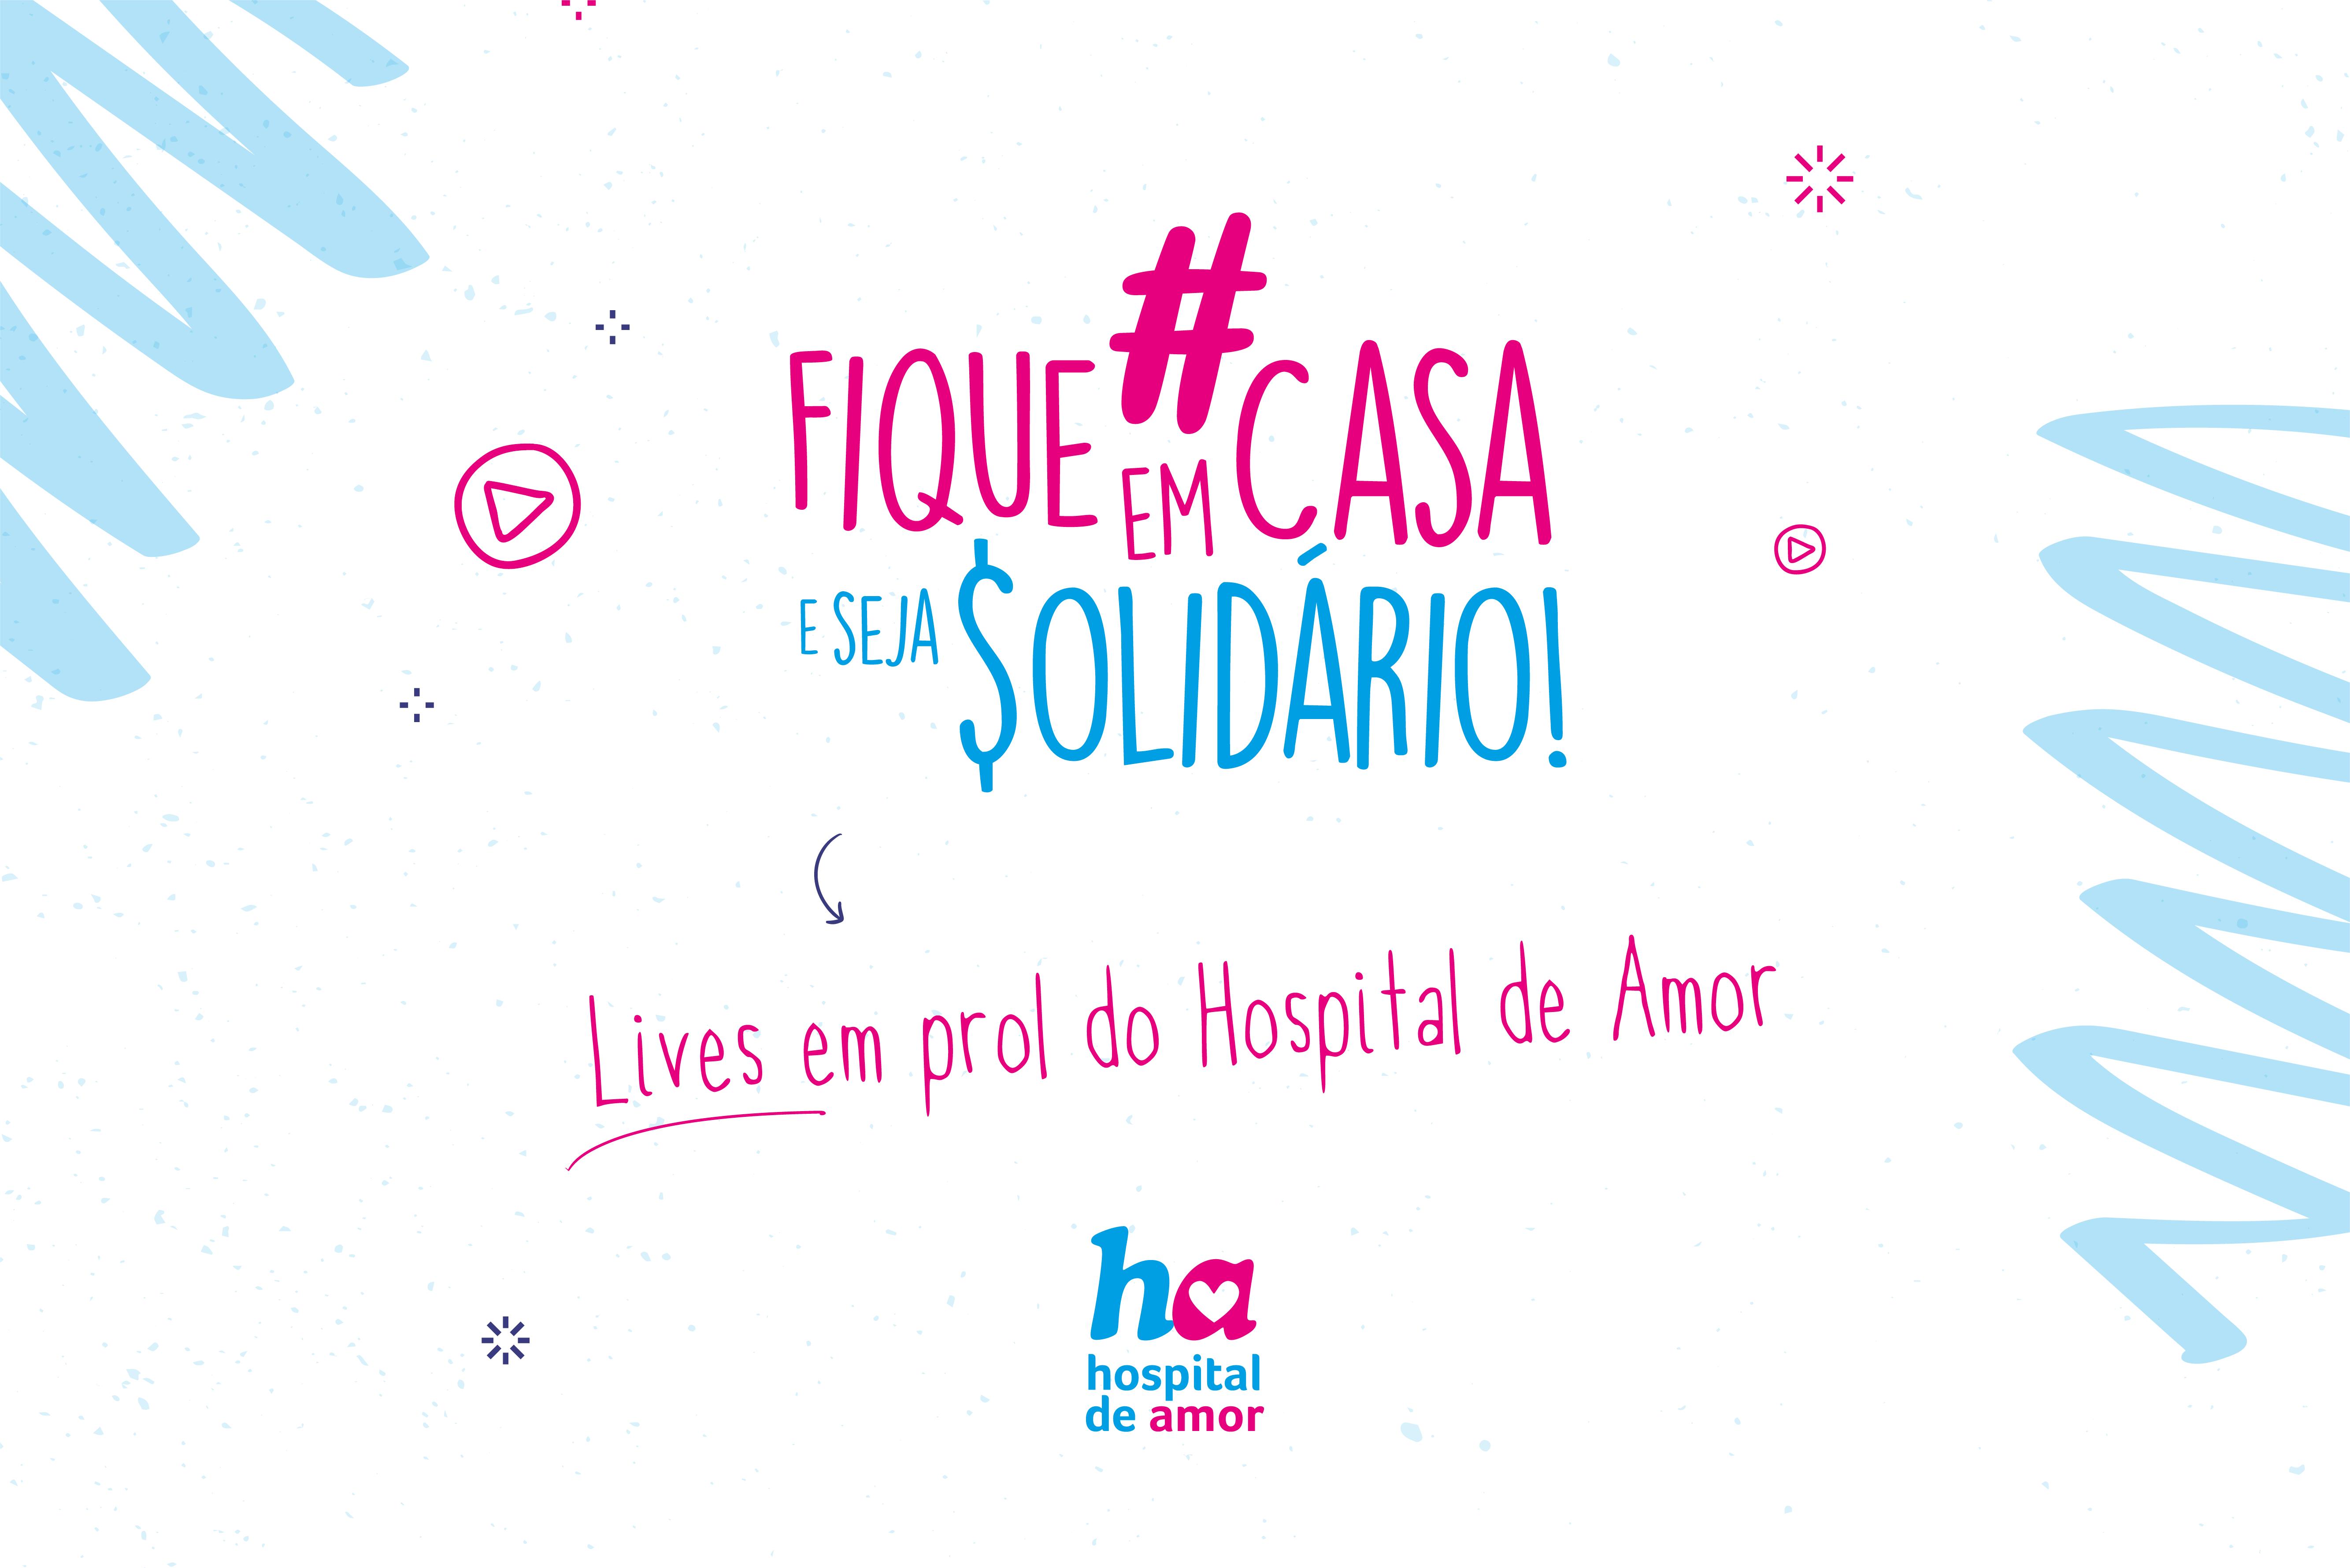 Fique em Casa e Seja Solidário: descubra quais lives de cantores estão acontecendo em prol do Hospital de Amor